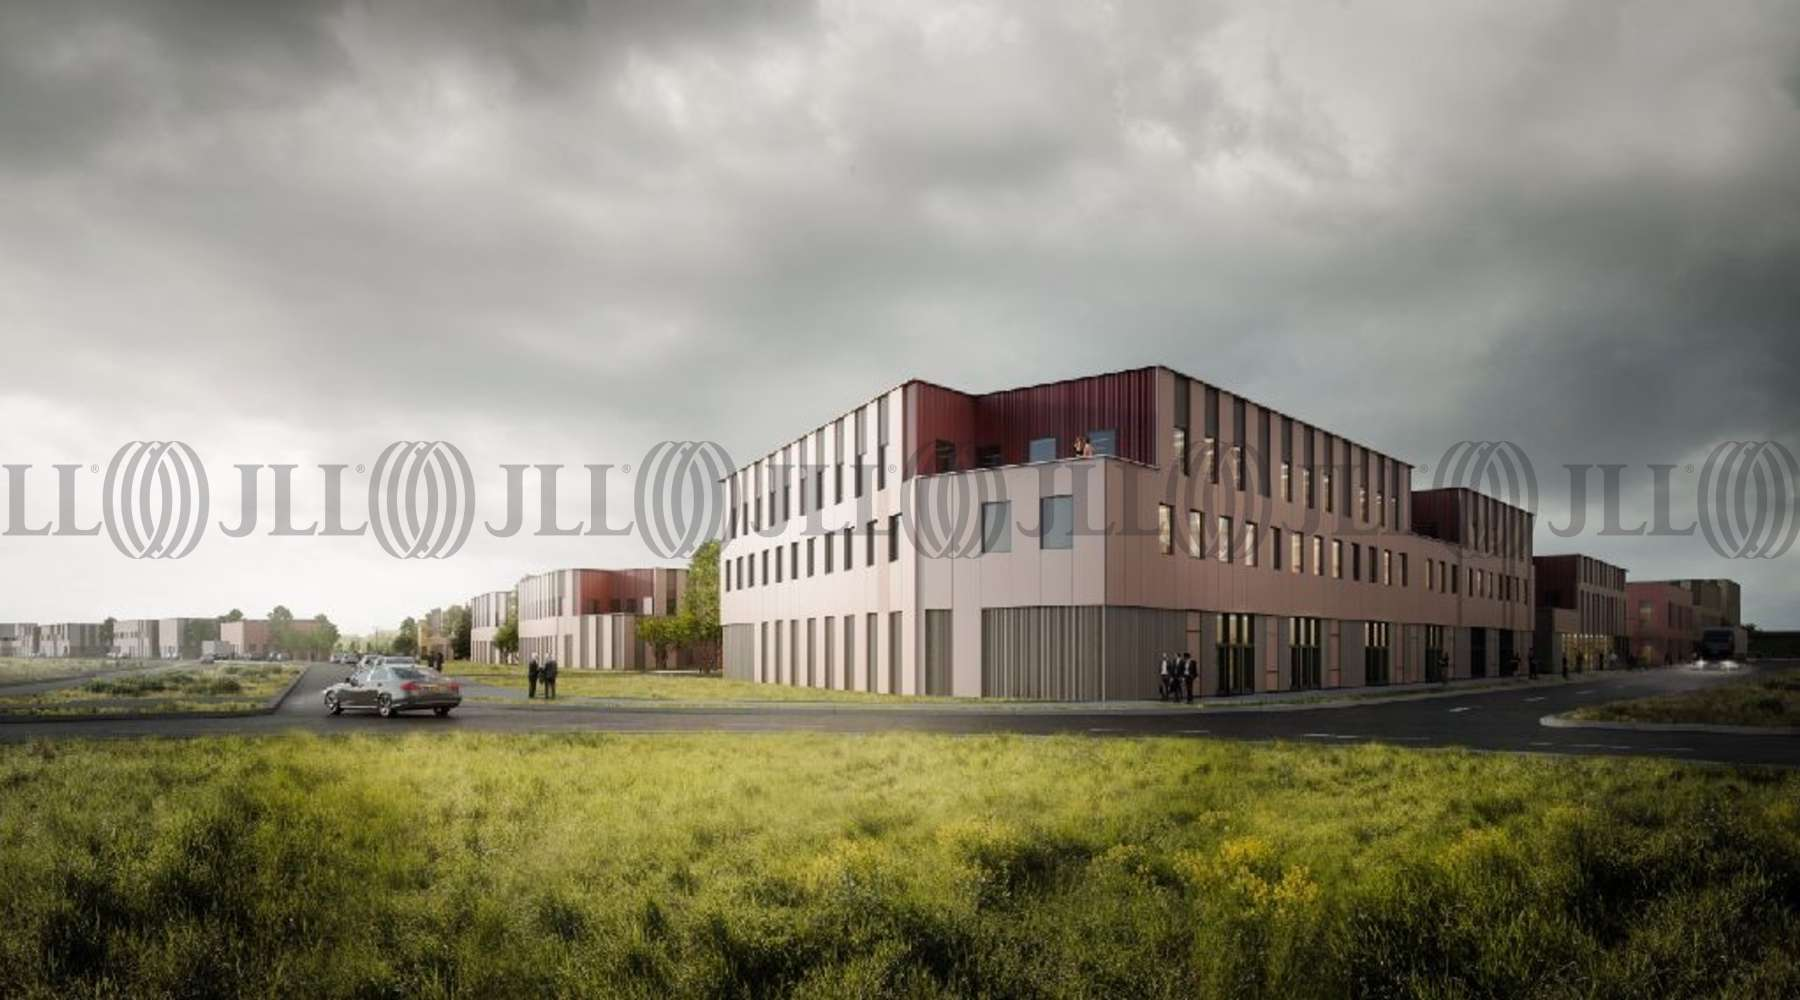 Activités/entrepôt Tremblay en france, 93290 - AEROLIANS BUSINESS CLUSTER - B6 - 10924137